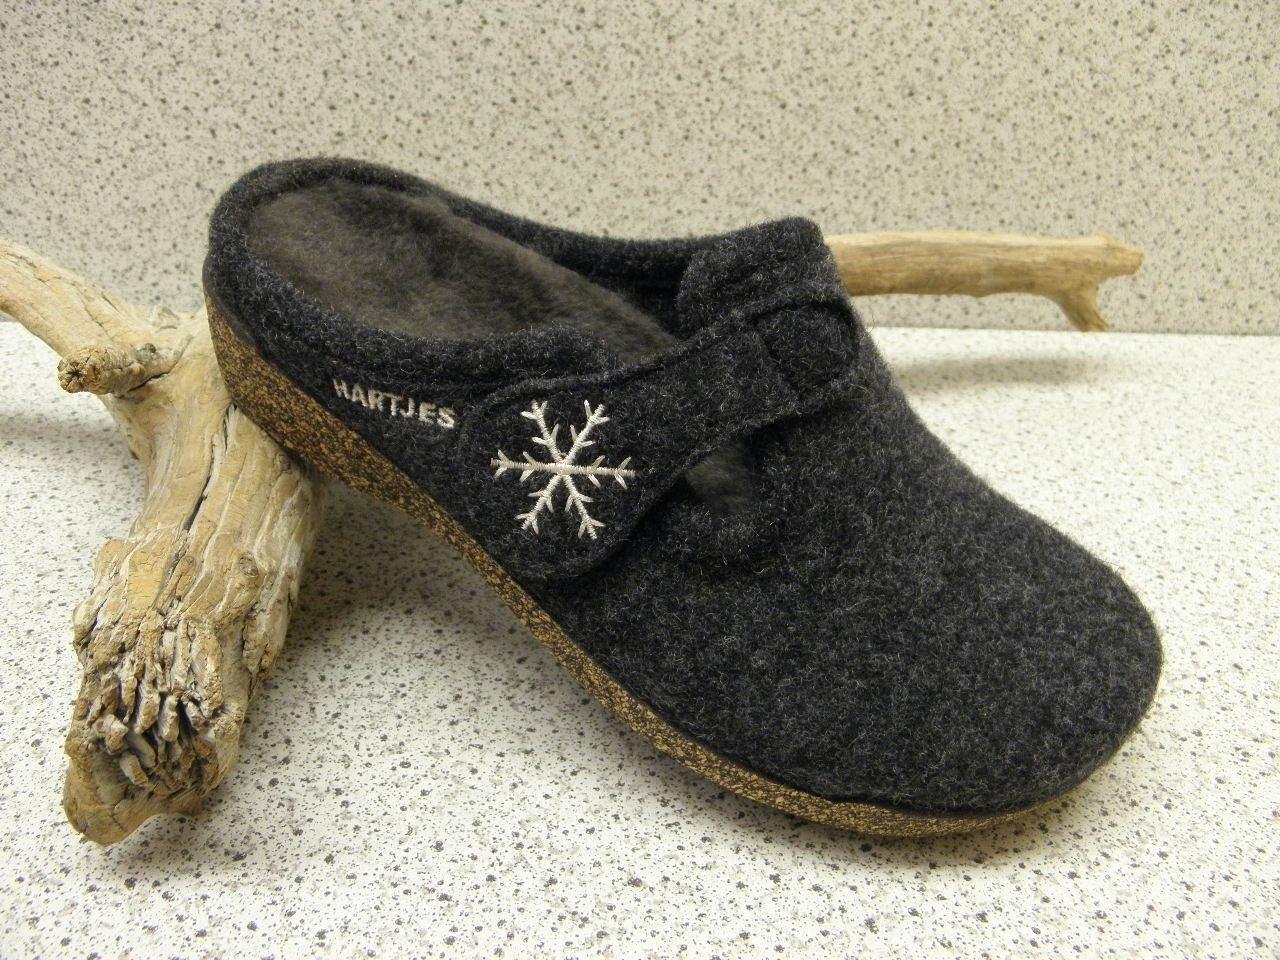 Hartjes® bisher    Filz Wolle und Lammfell Pantoffel grau (512)